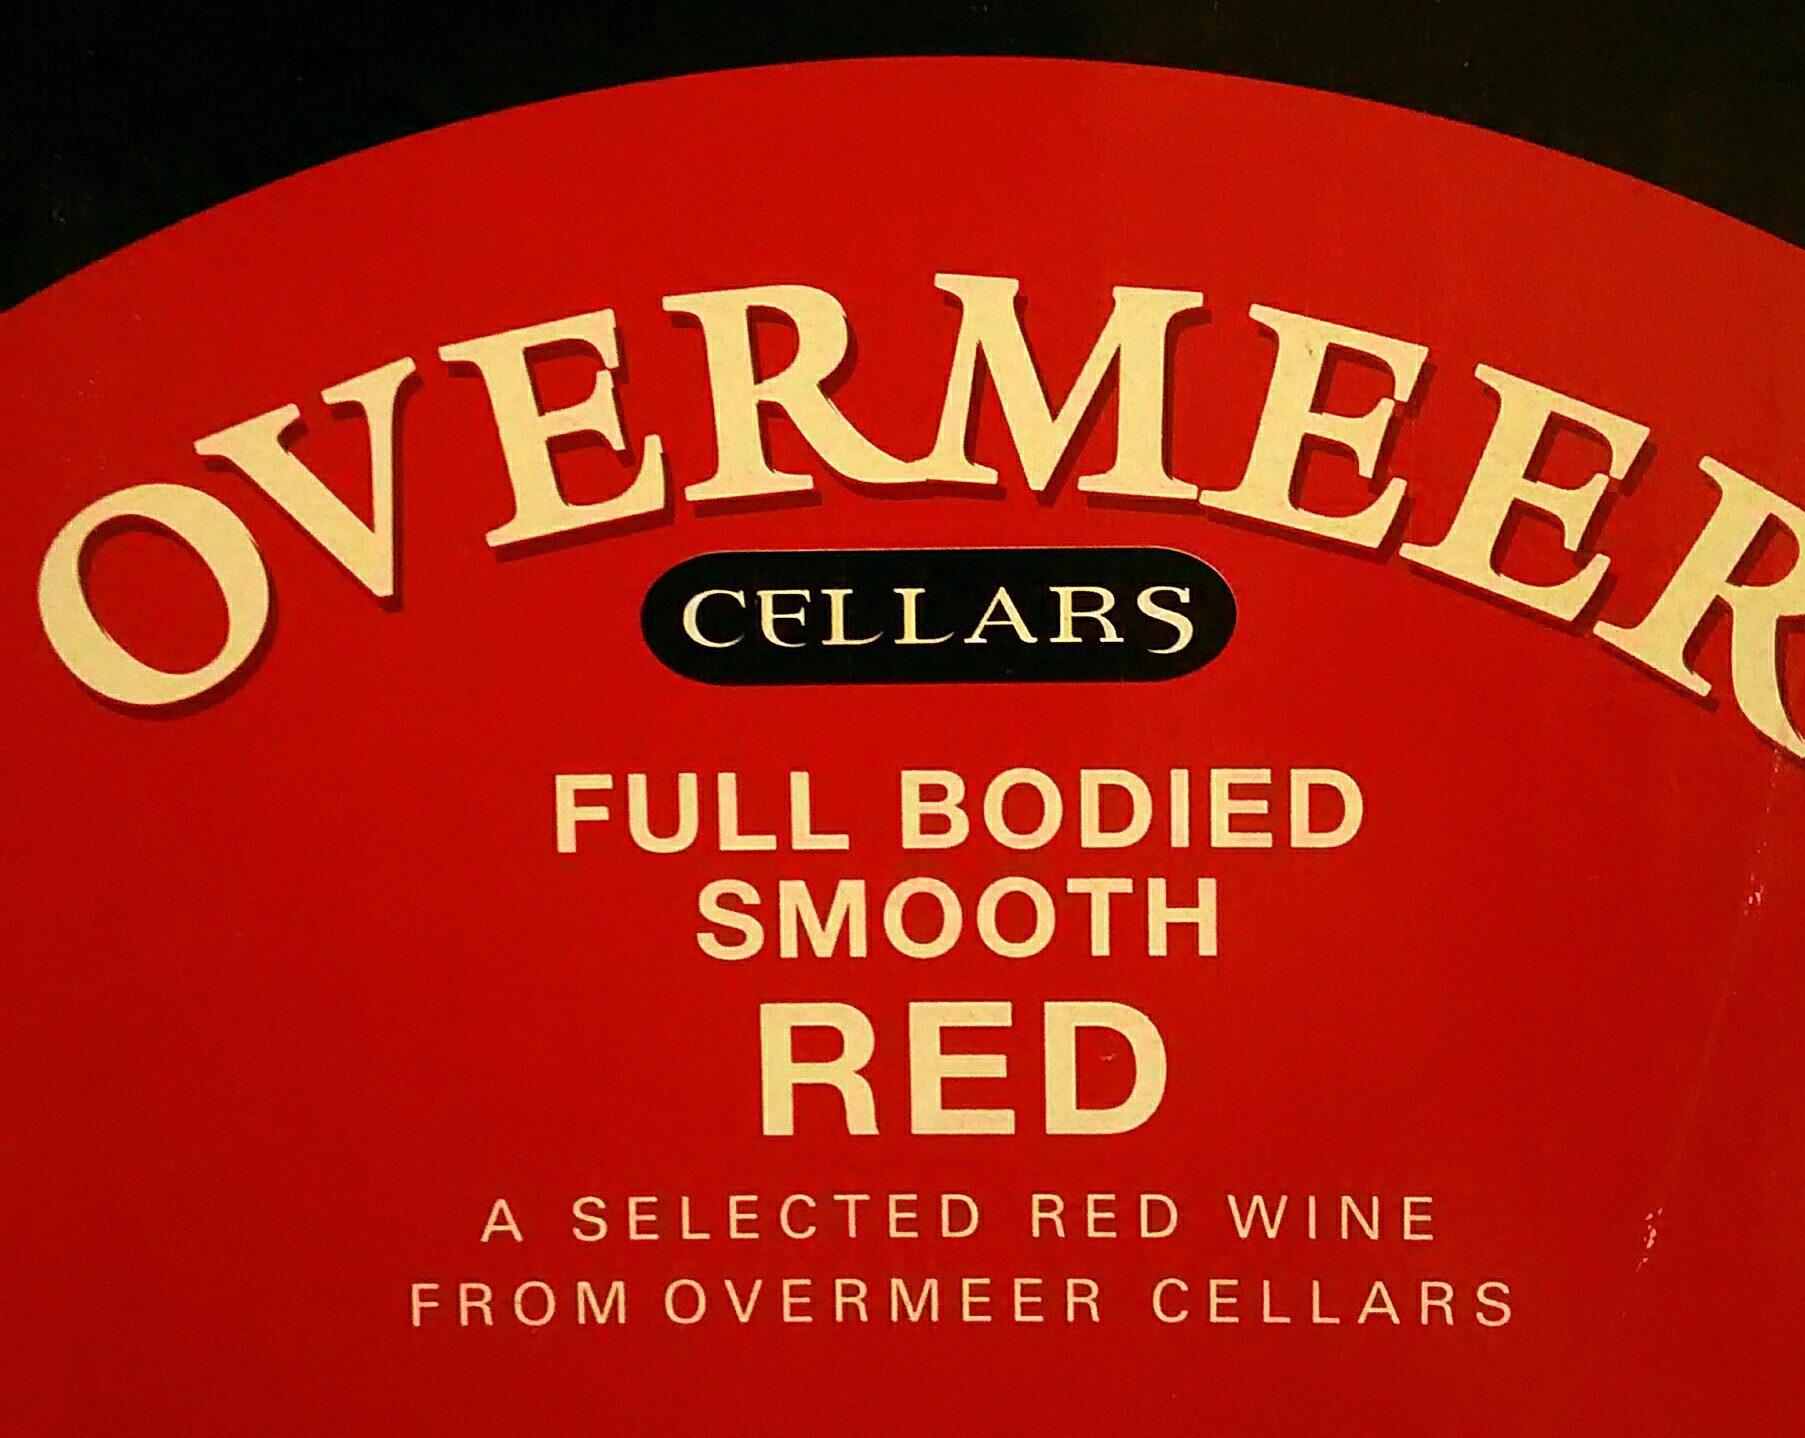 OVERMEER full bodied smooth red - Ingrédients - en